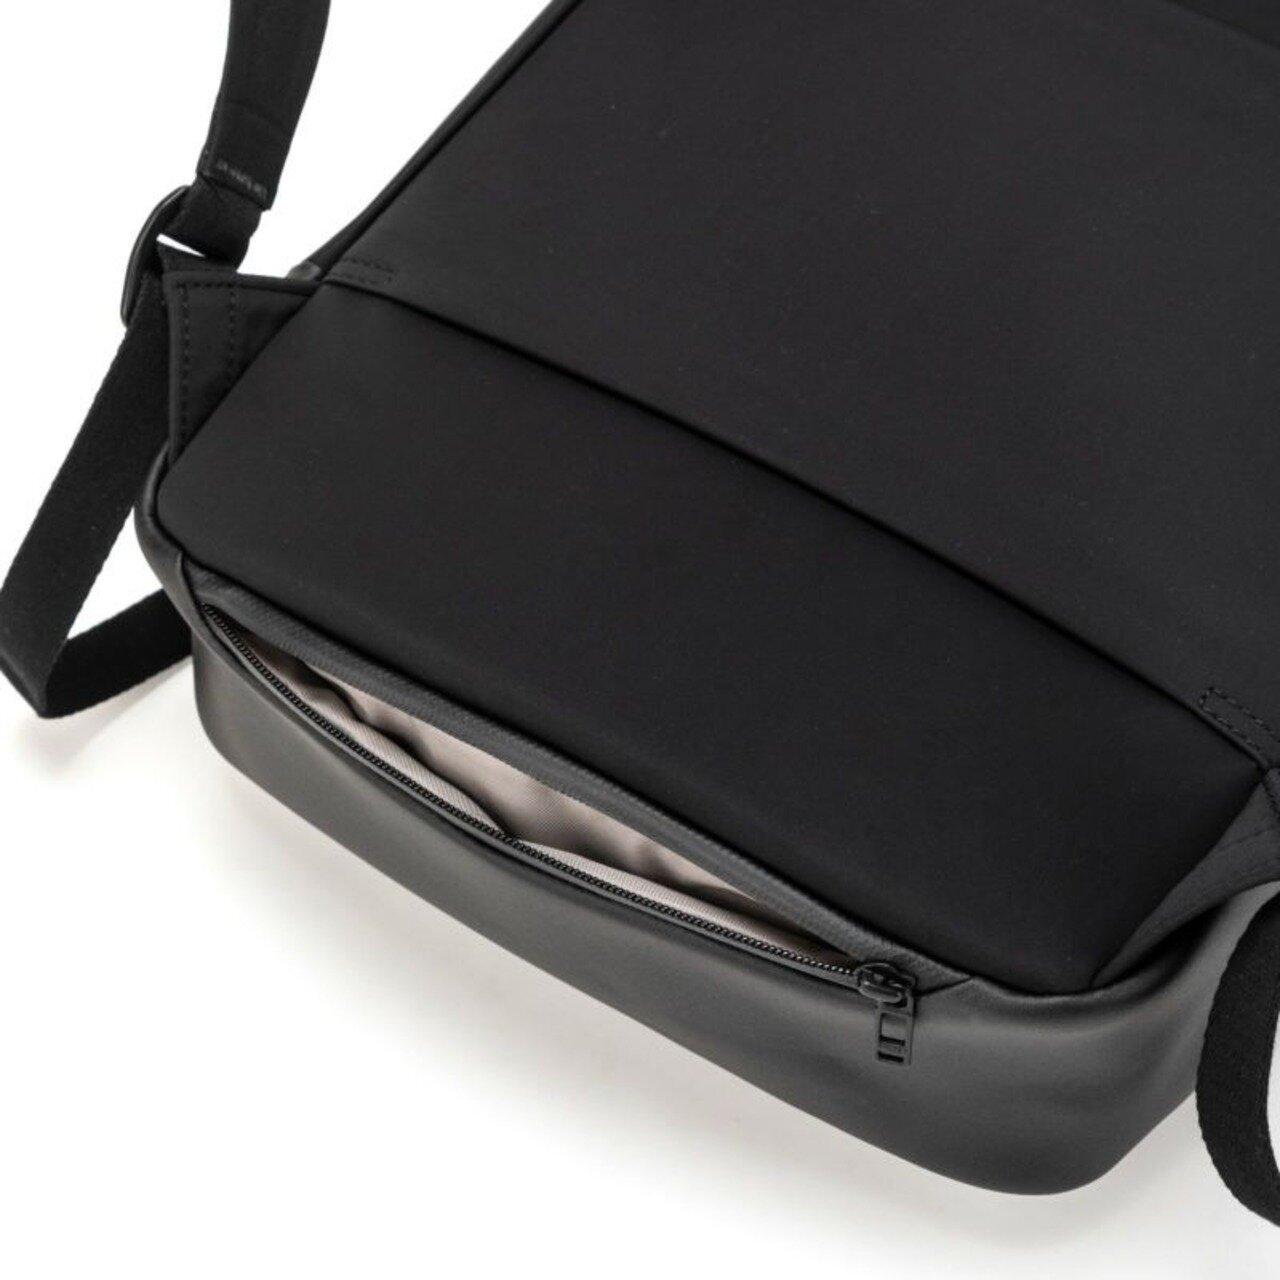 また、スマートフォンや鍵を入れておけるシークレットポケットは海外でもスリに合いにくく安心です。